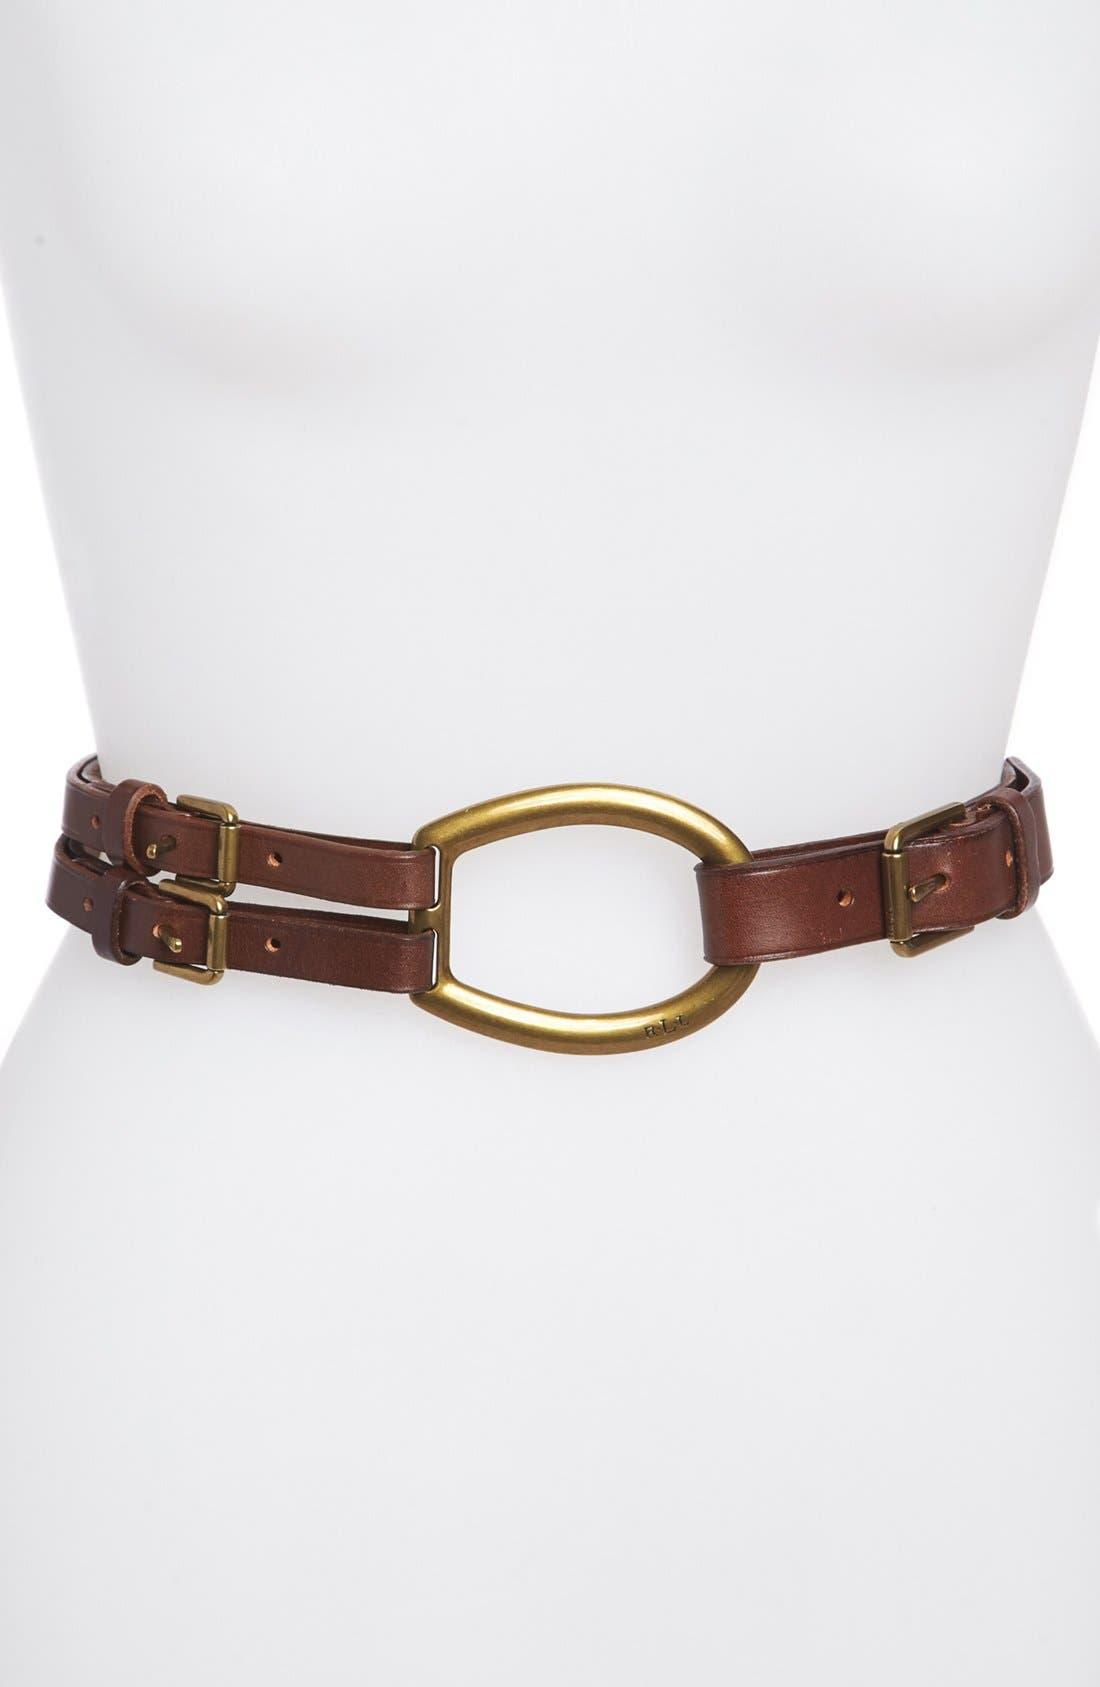 Main Image - Lauren Ralph Lauren Tri-Strap Belt